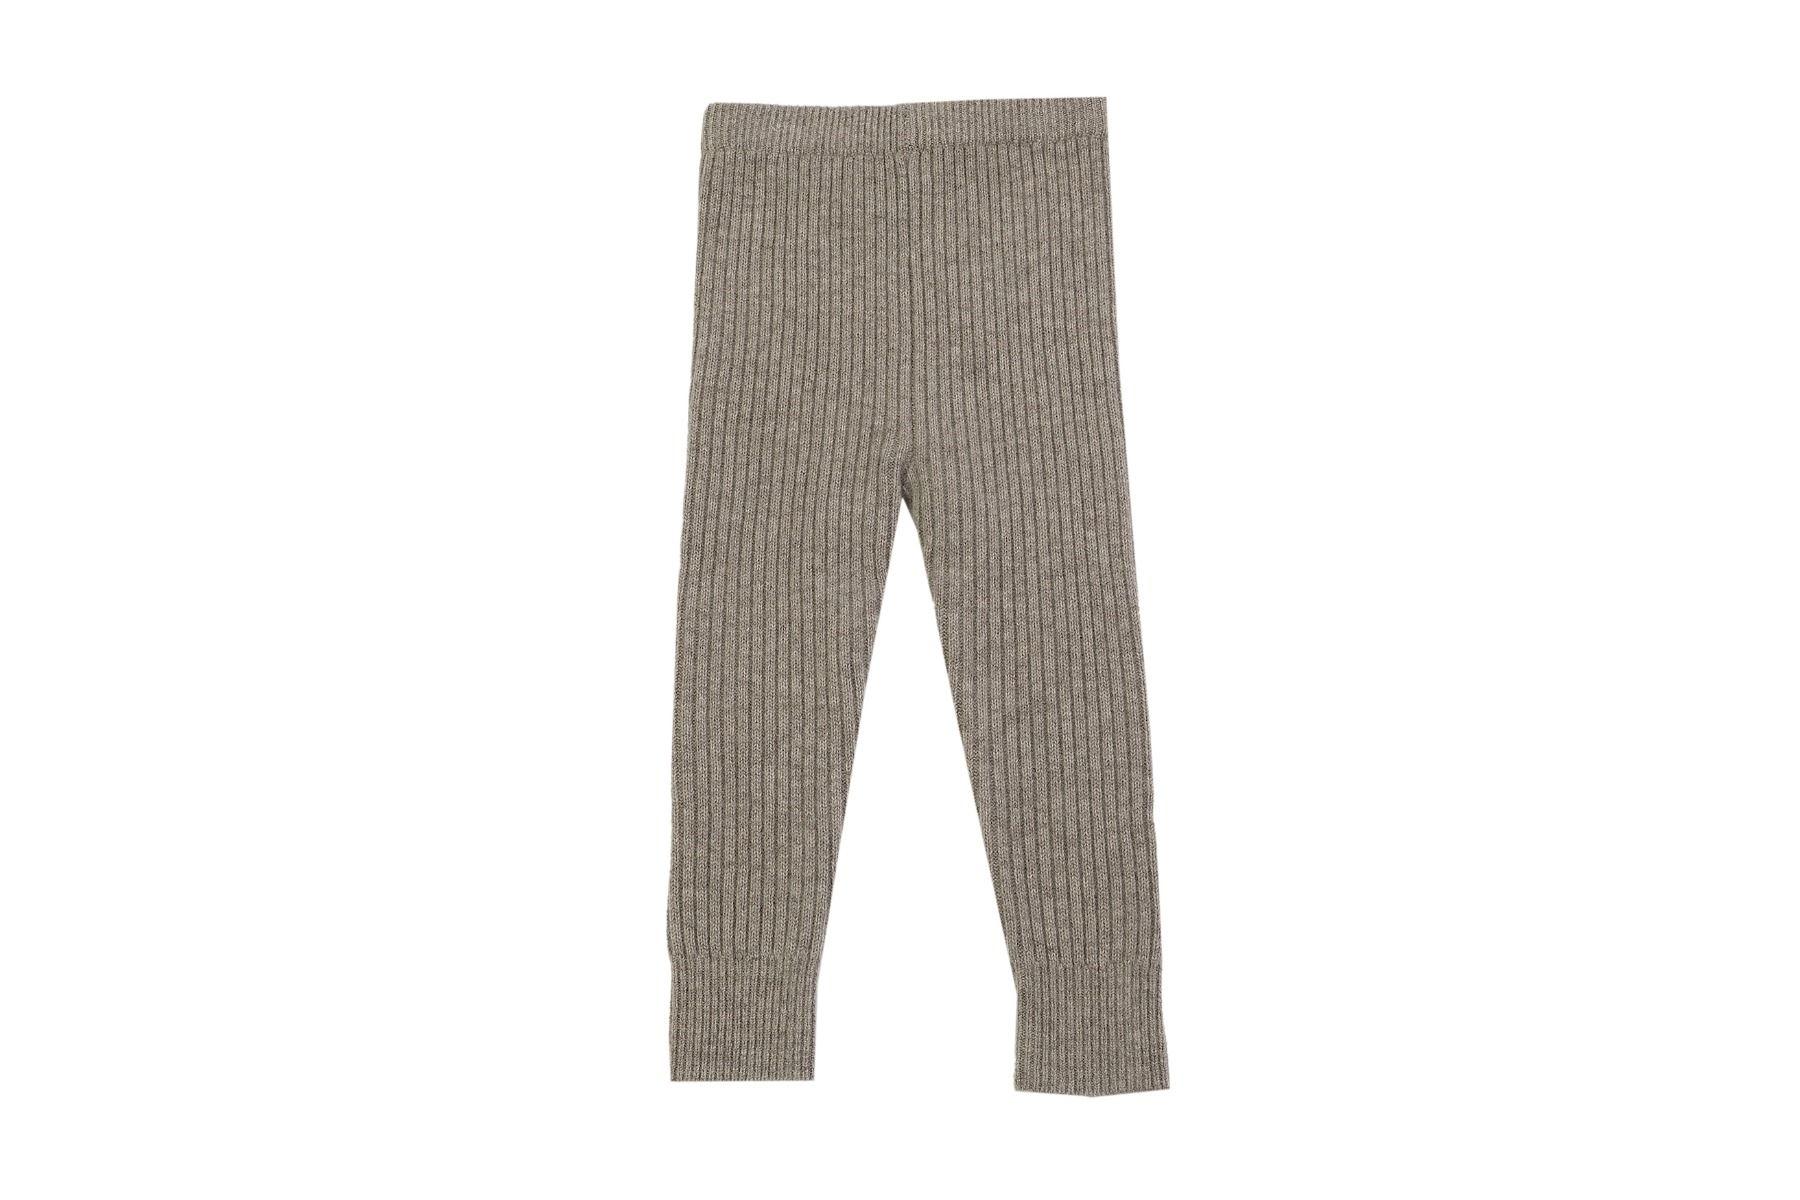 Pem Trousers | Beige Melange